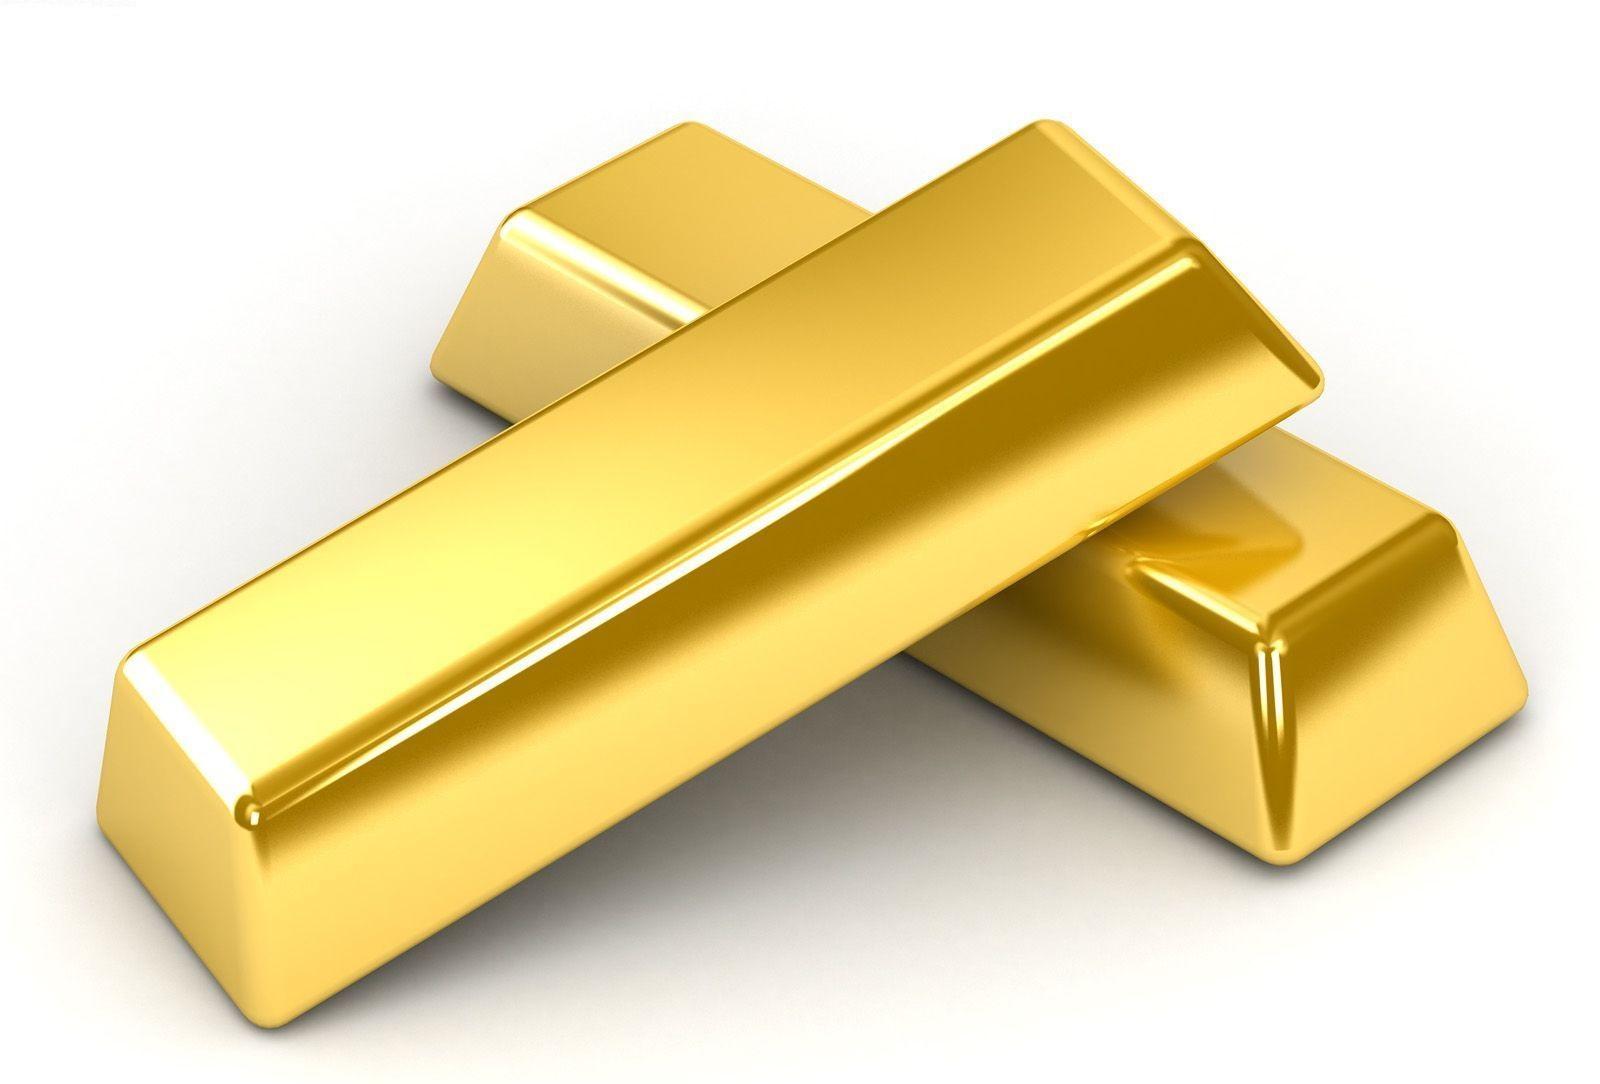 美国9月非农报告喜忧参半 现货黄金价格短线下跌